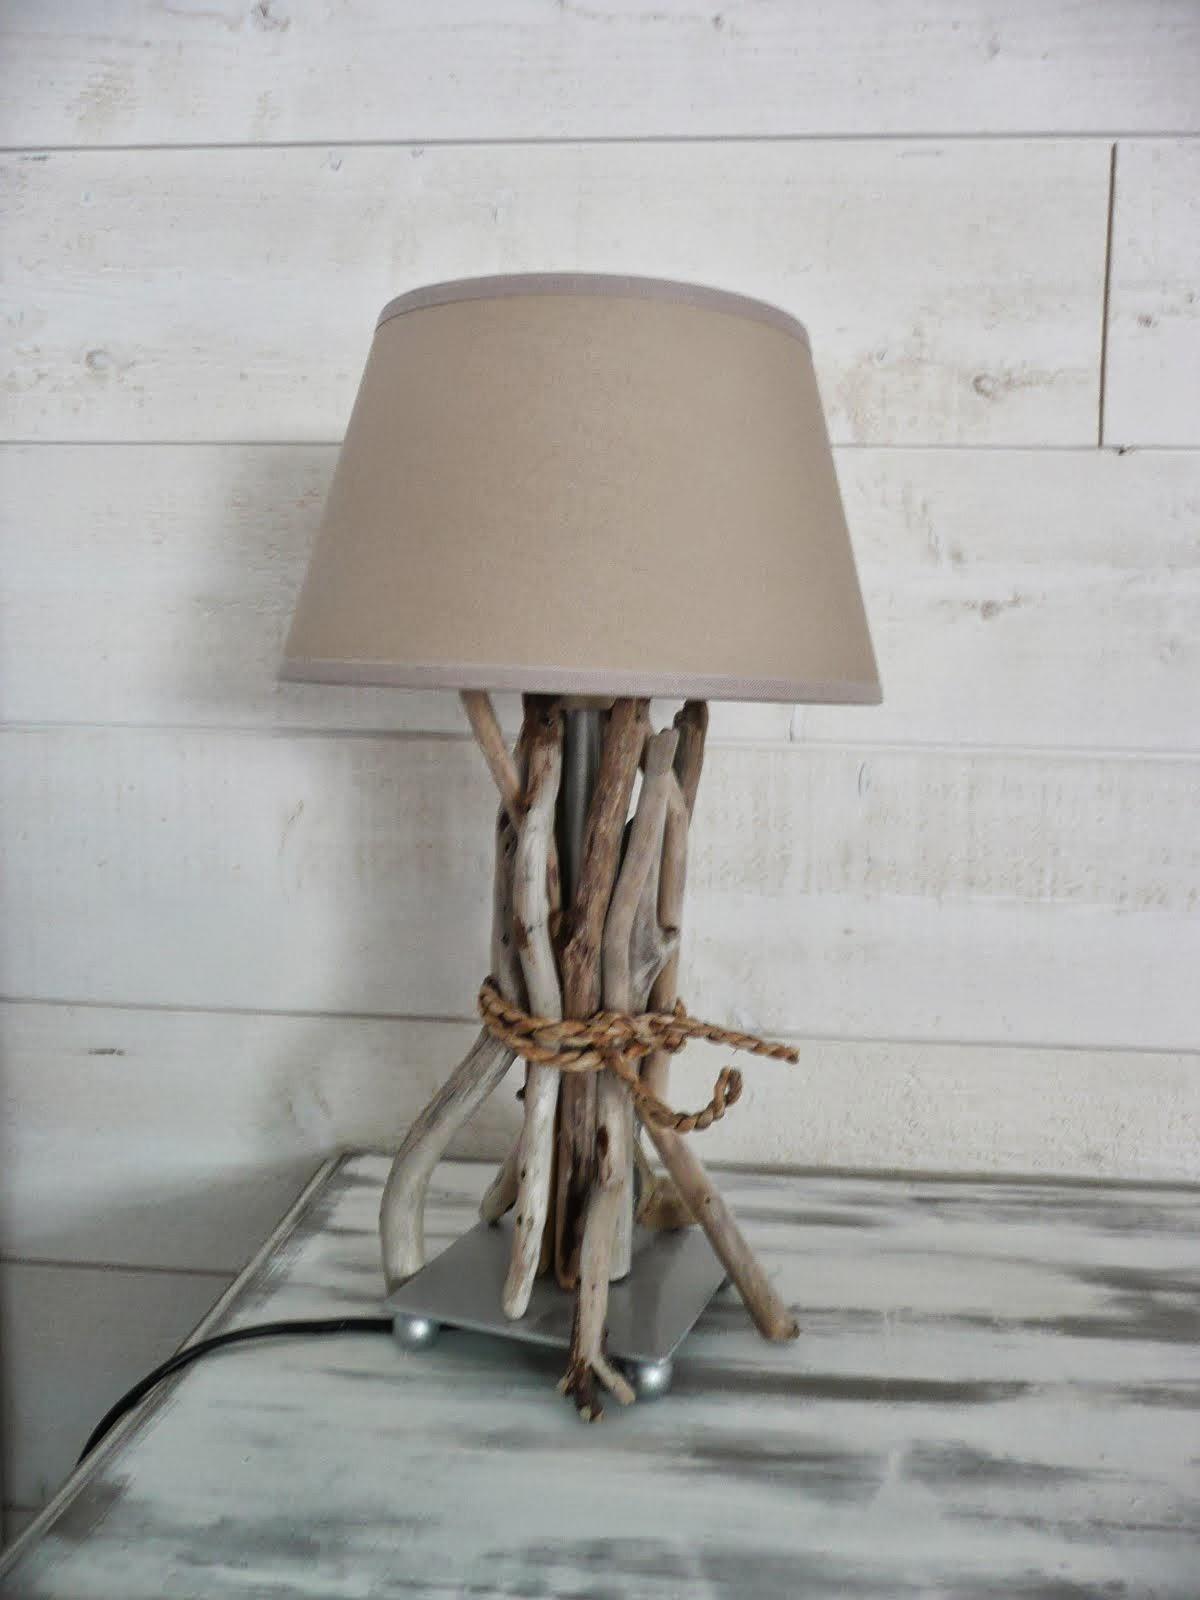 Drift Wood Lamp Ikea Hackers Ikea Hackers